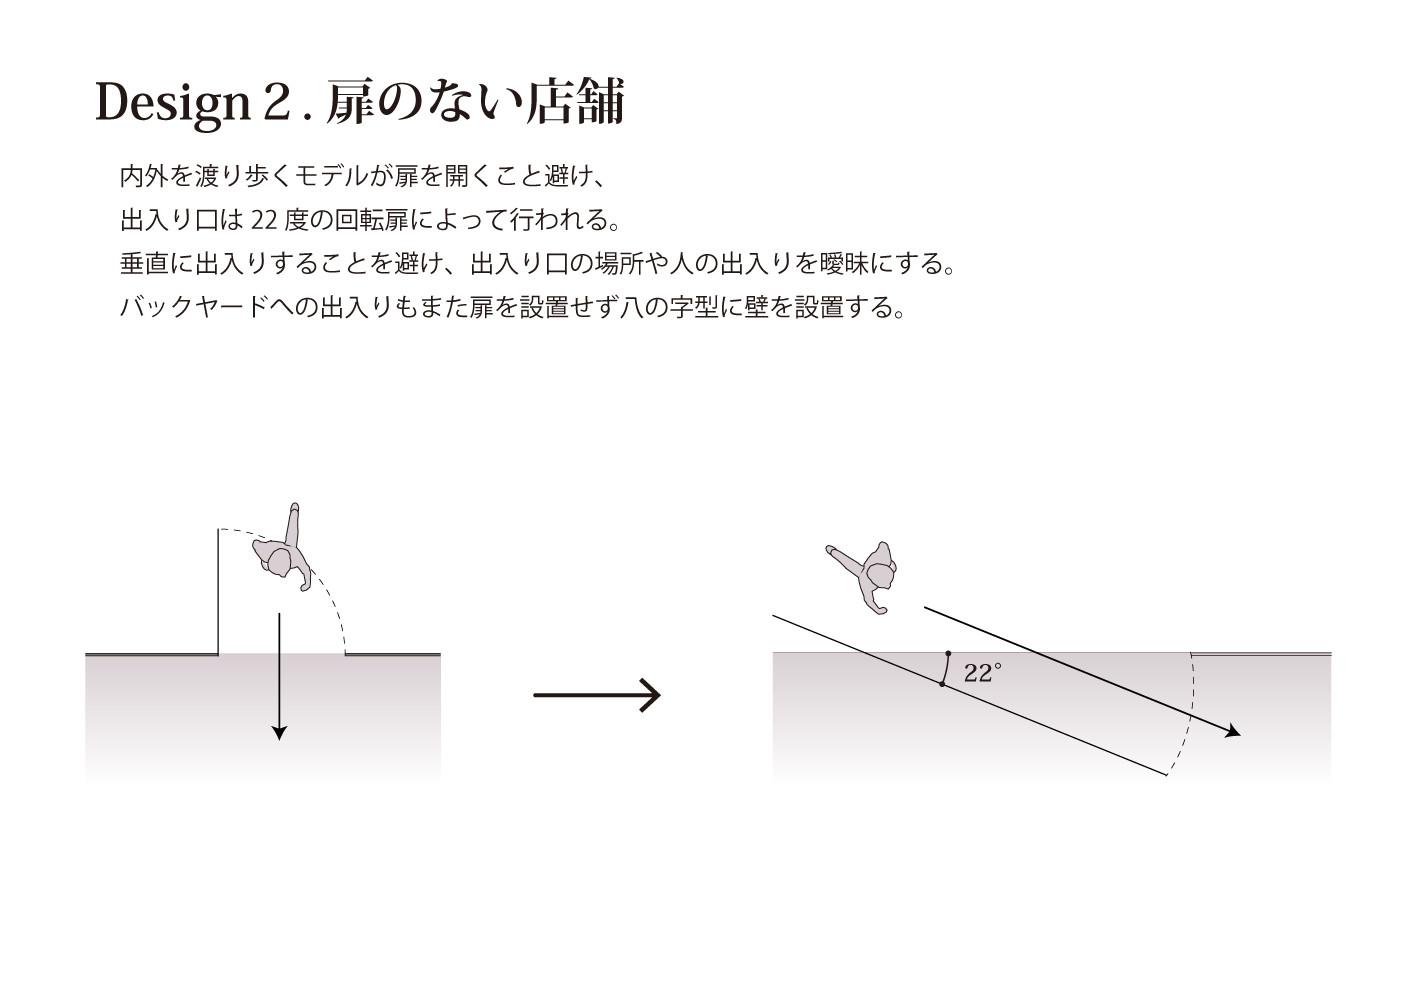 高巣文里_07.jpg